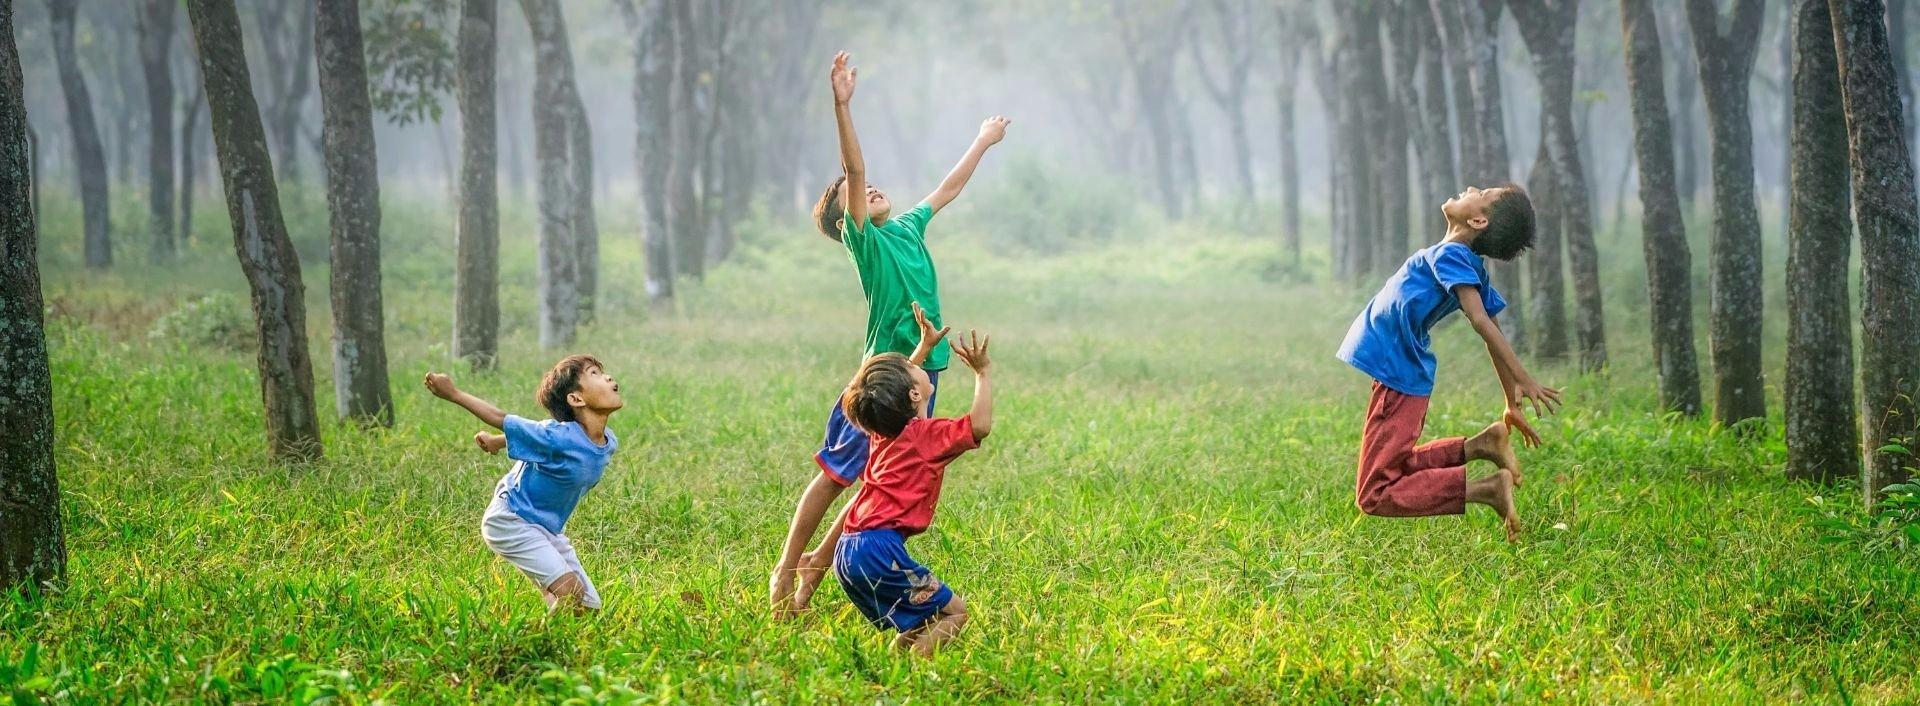 Kinder, die auf einem Feld spielen und einfache englische Sätze verwenden.